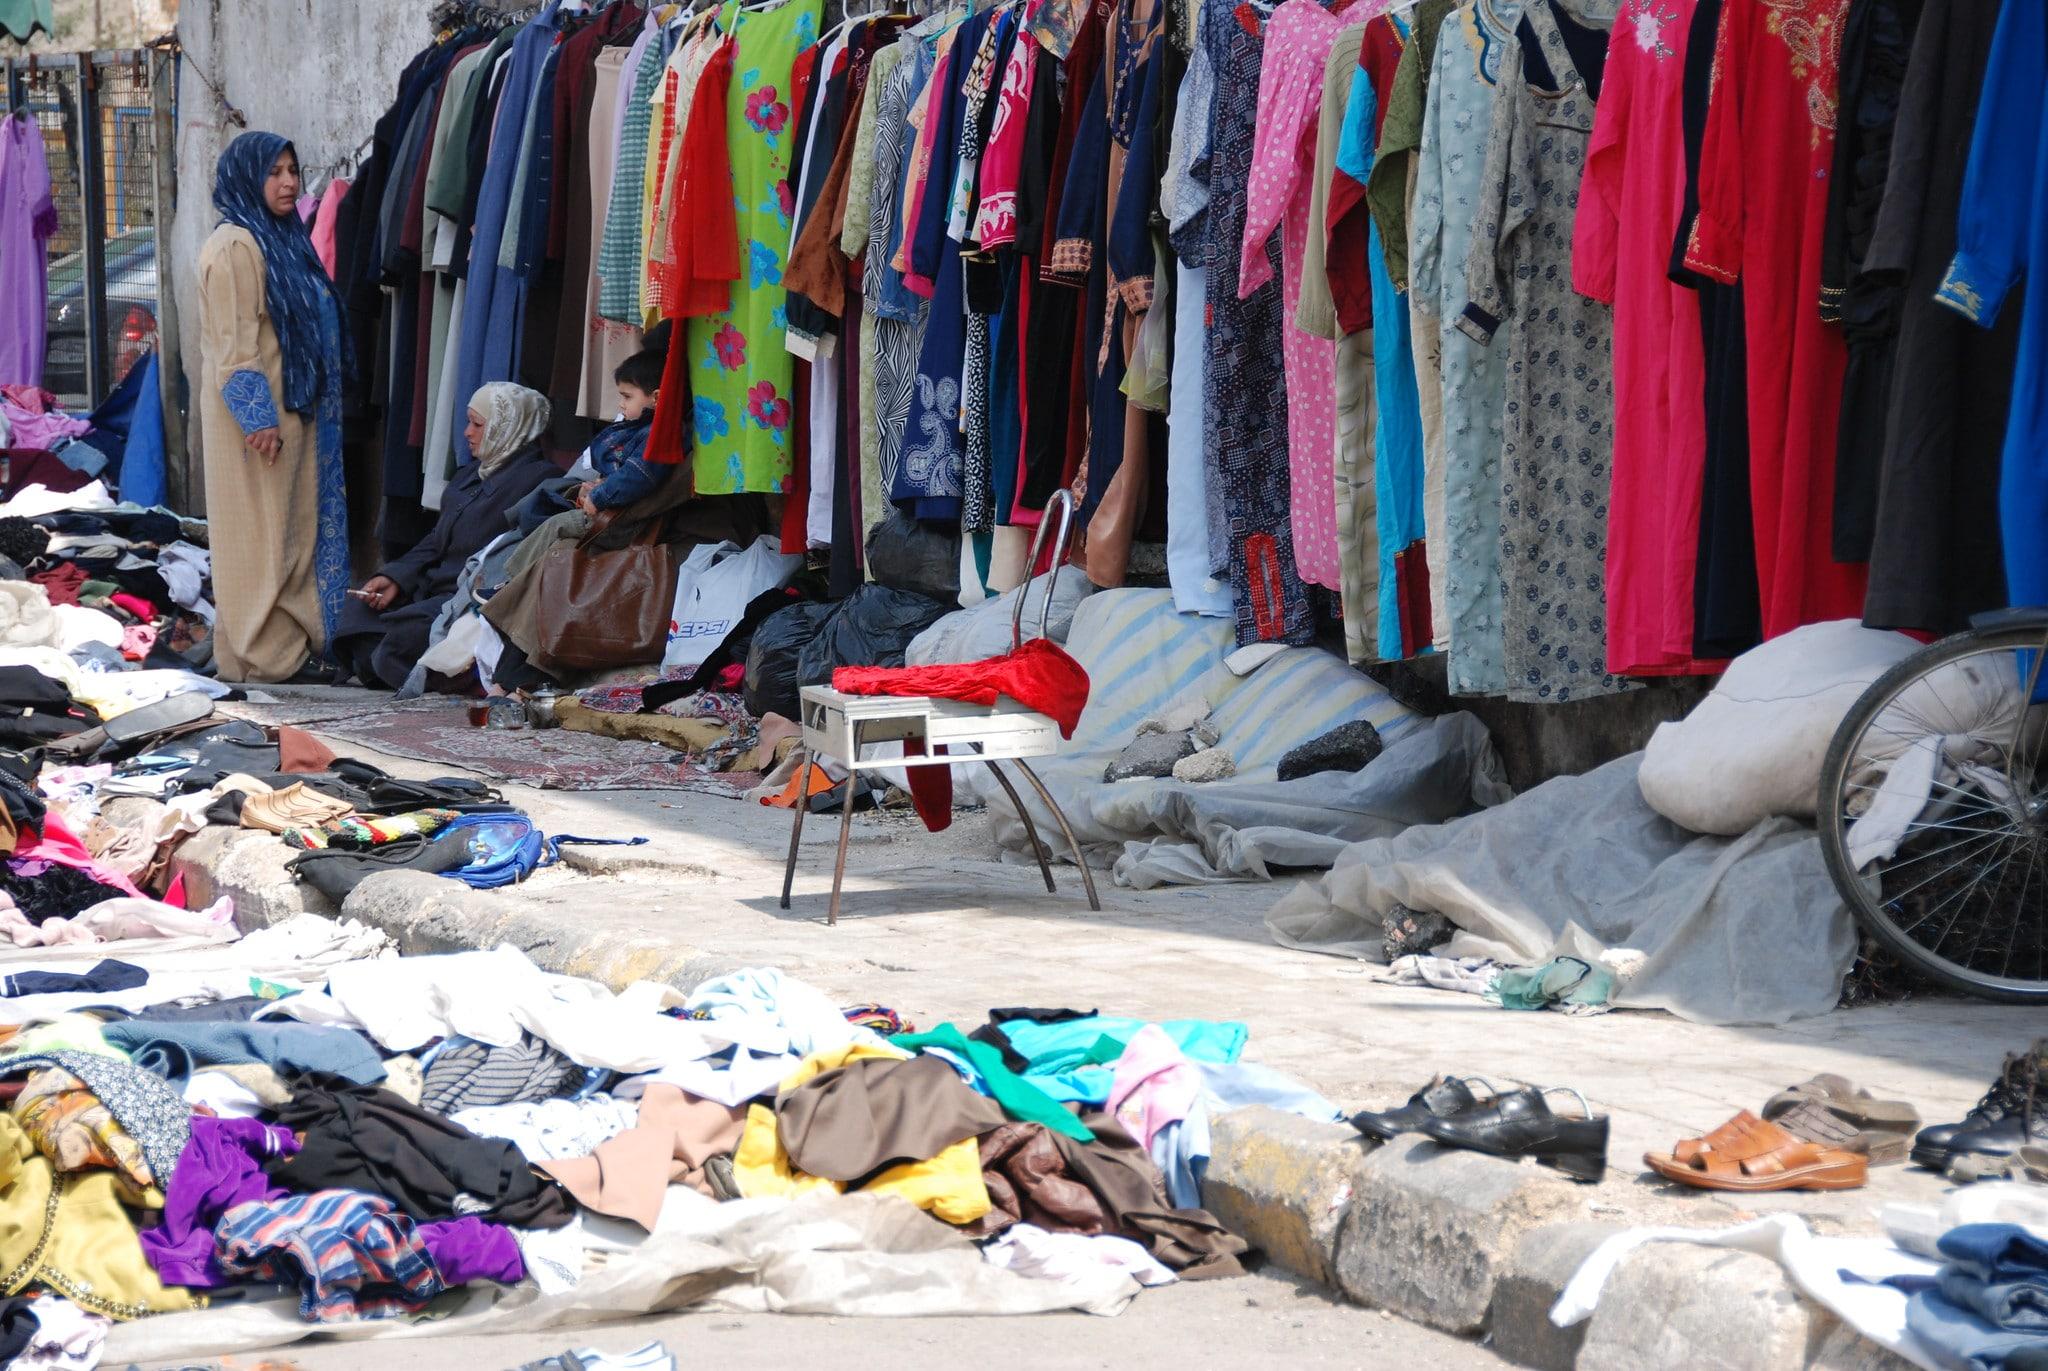 Mercato di abiti usati nelle vie di Damasco - Foto Flickr Creative Commons - Paul Keller